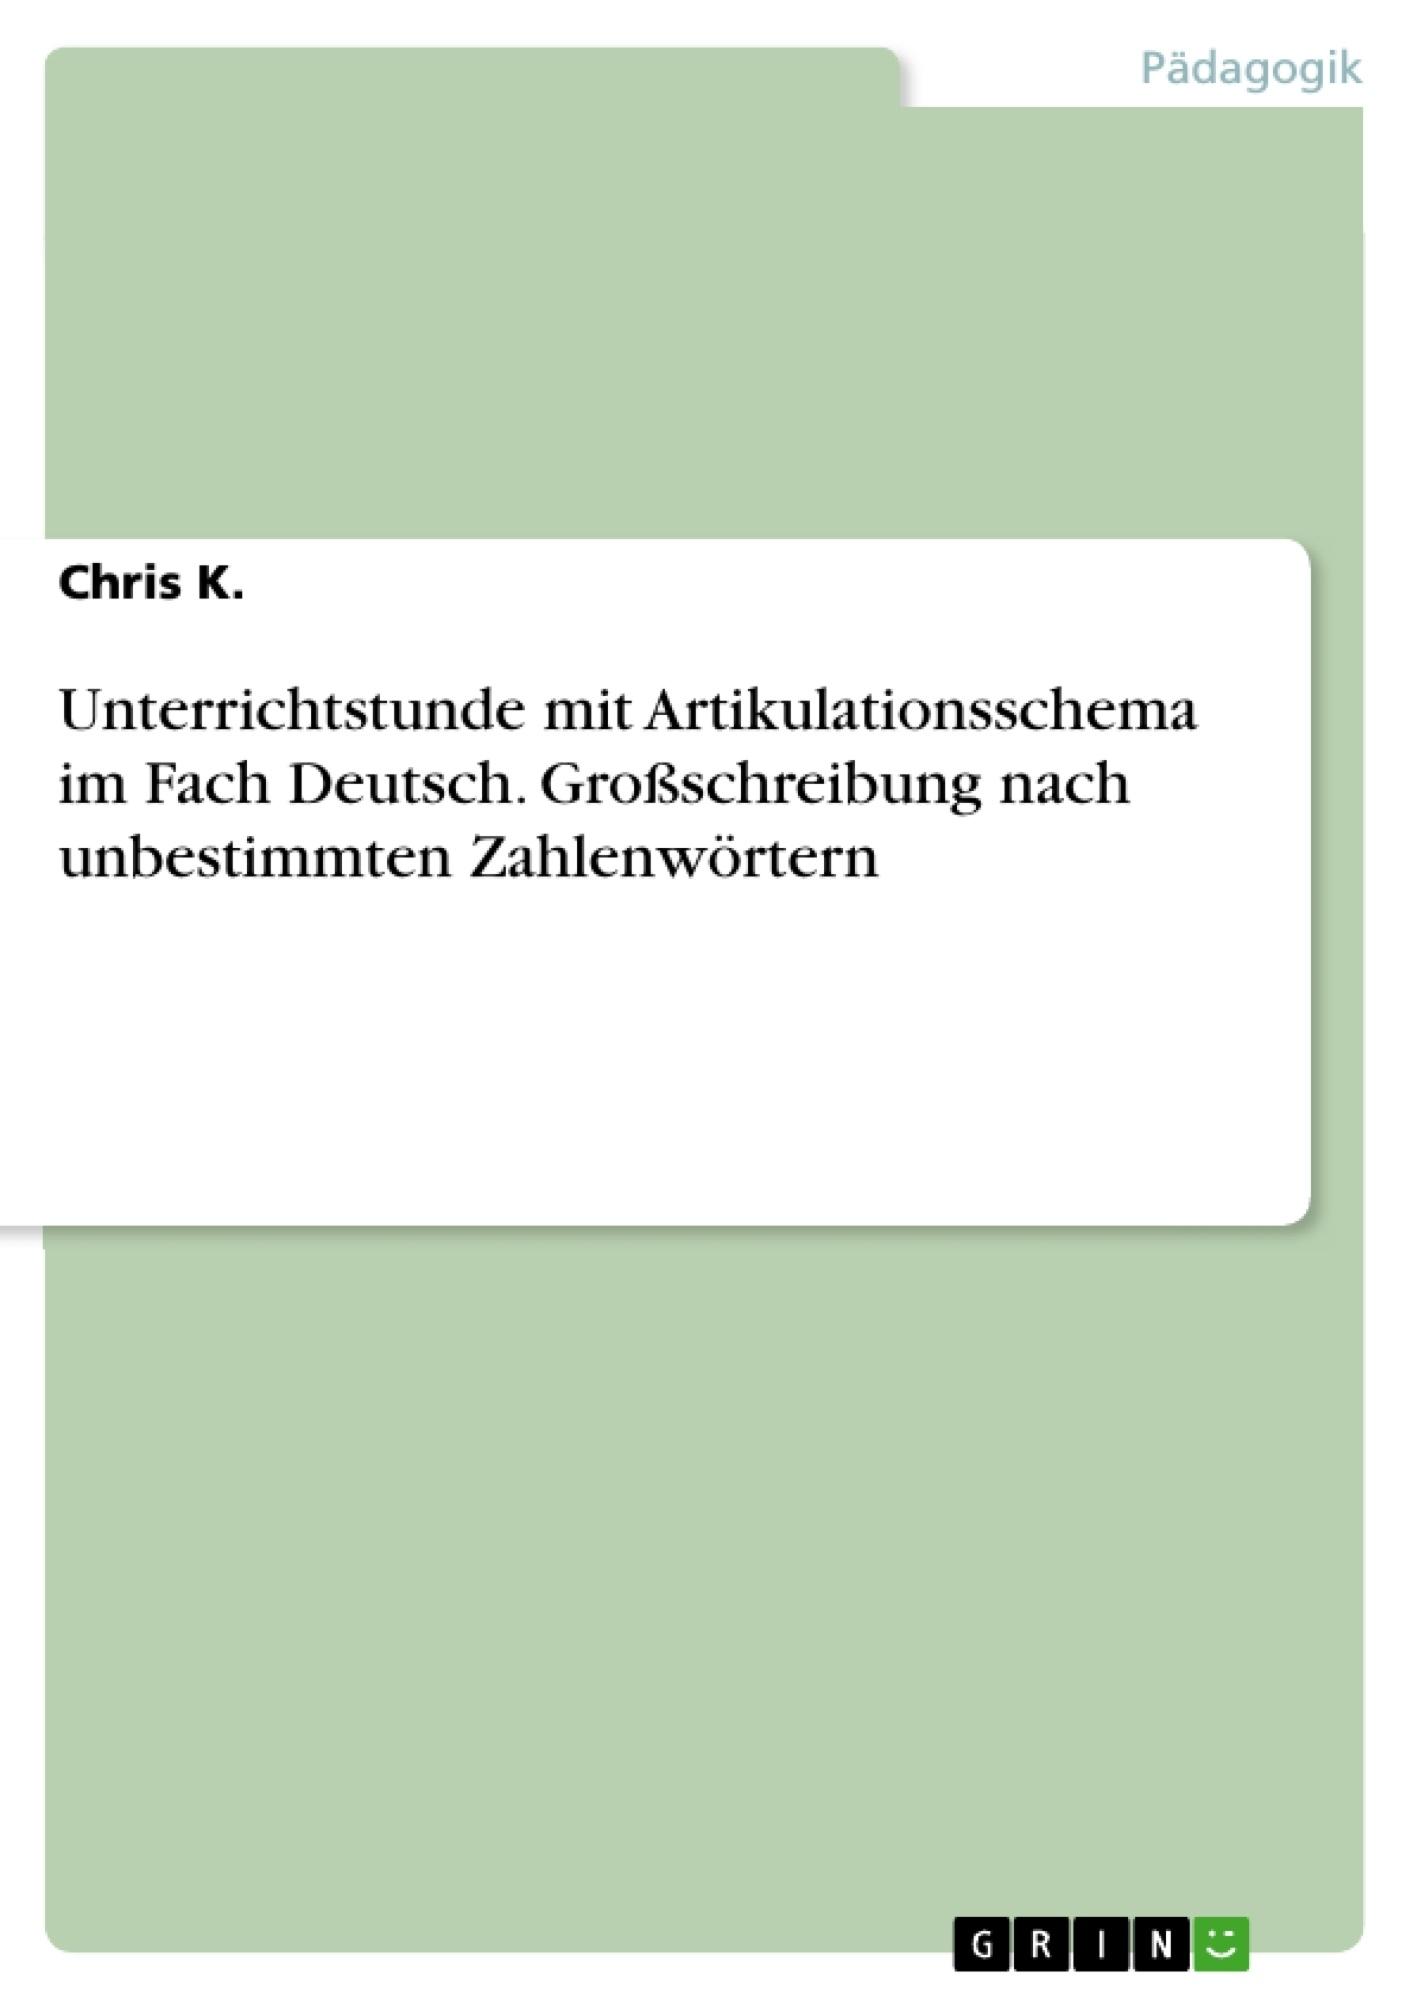 Titel: Unterrichtstunde mit Artikulationsschema im Fach Deutsch. Großschreibung nach unbestimmten Zahlenwörtern